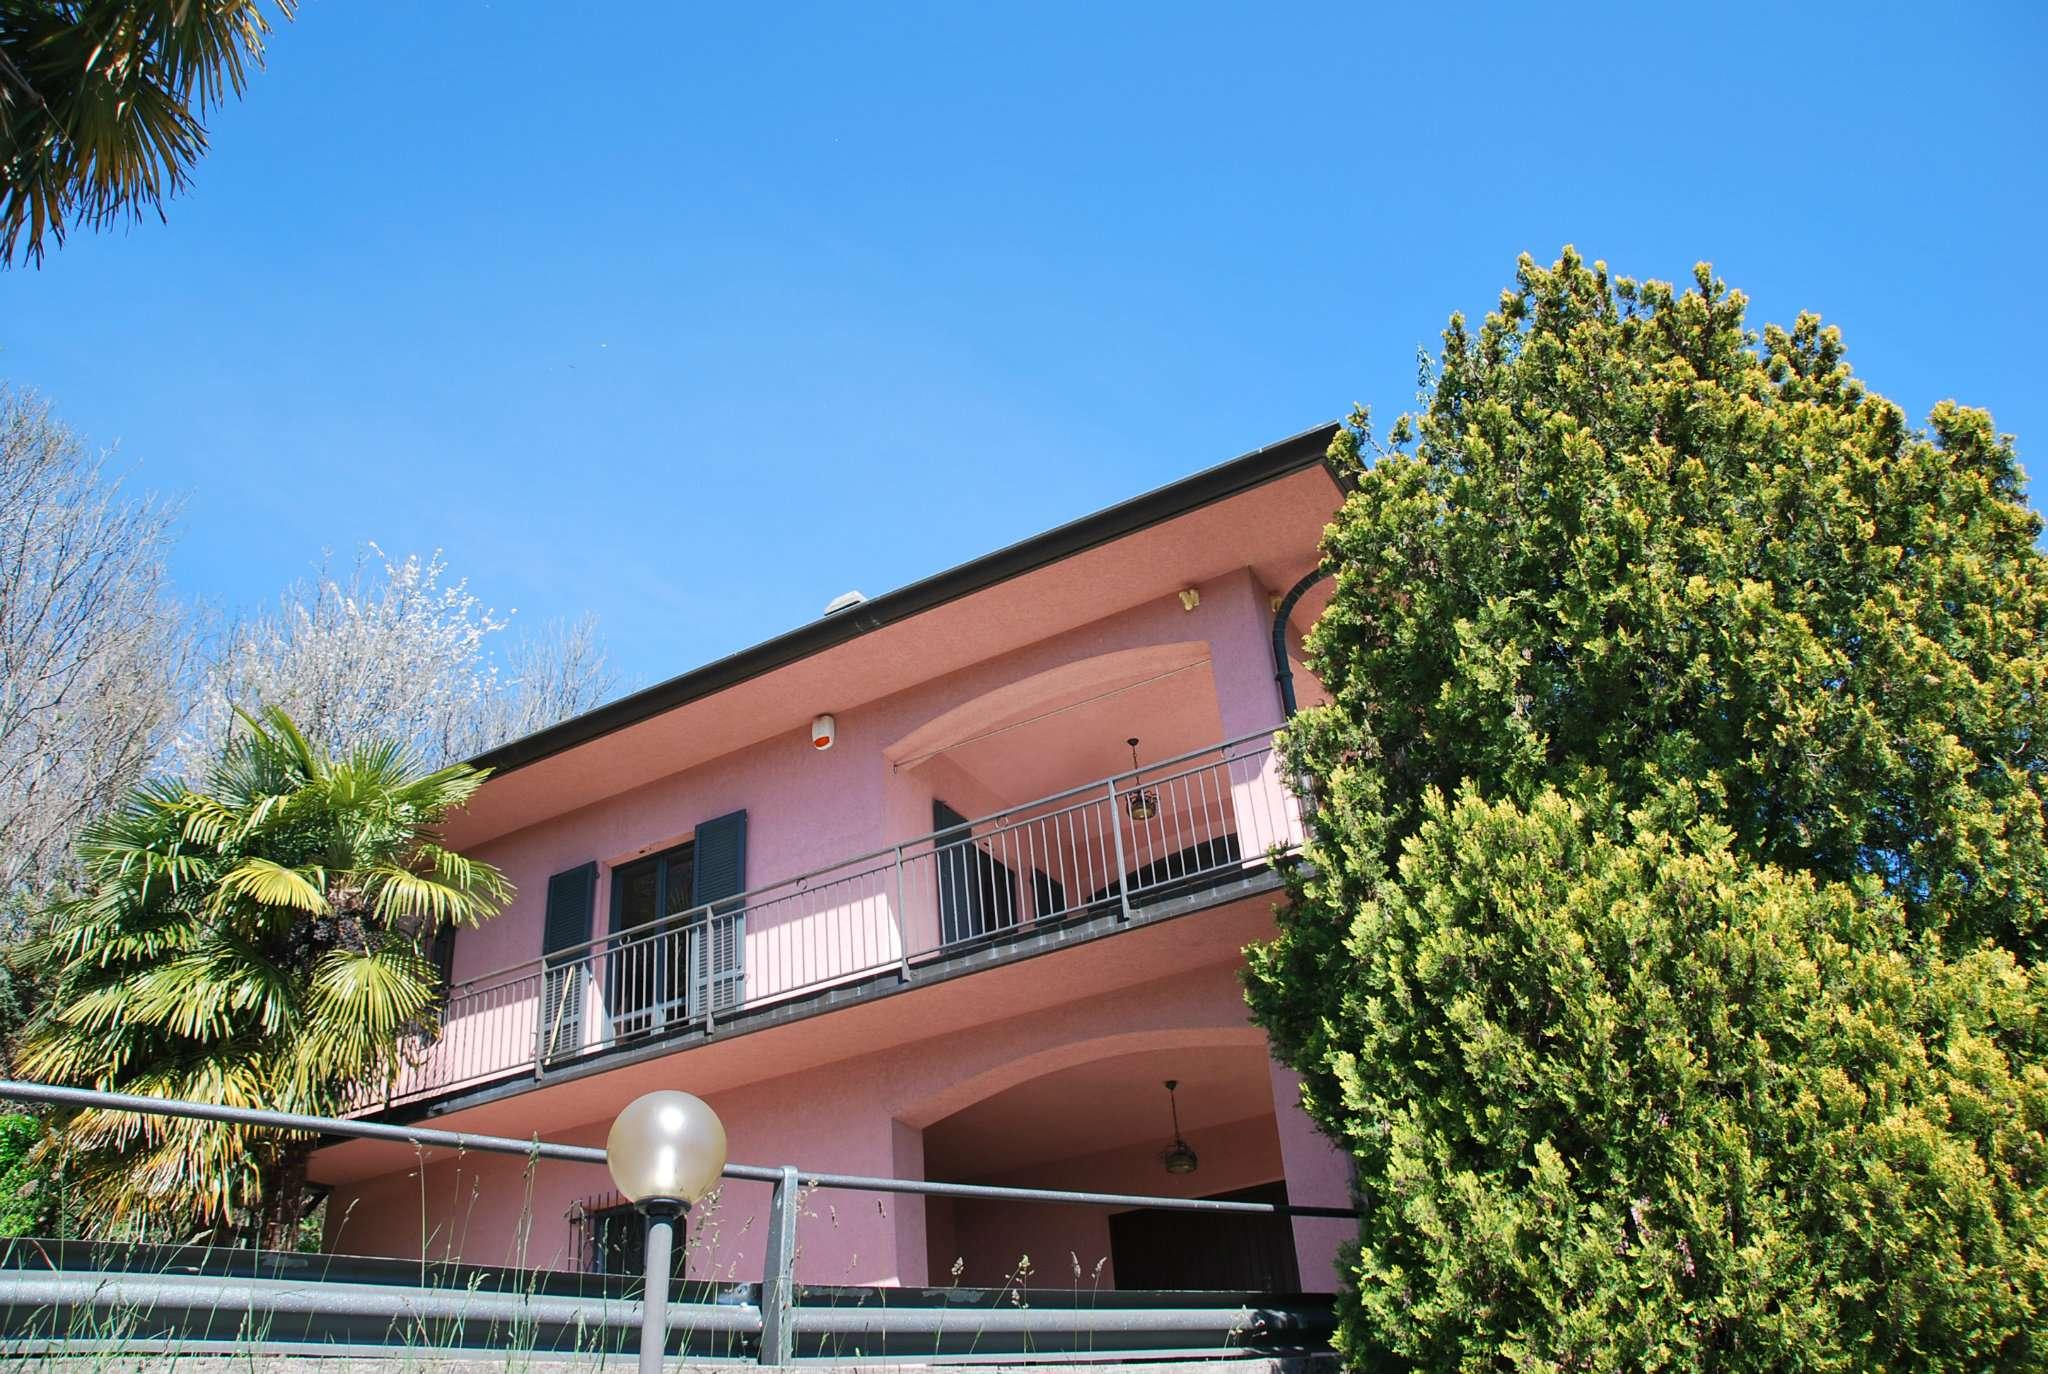 Villa in vendita a Laveno-Mombello, 4 locali, prezzo € 270.000 | PortaleAgenzieImmobiliari.it